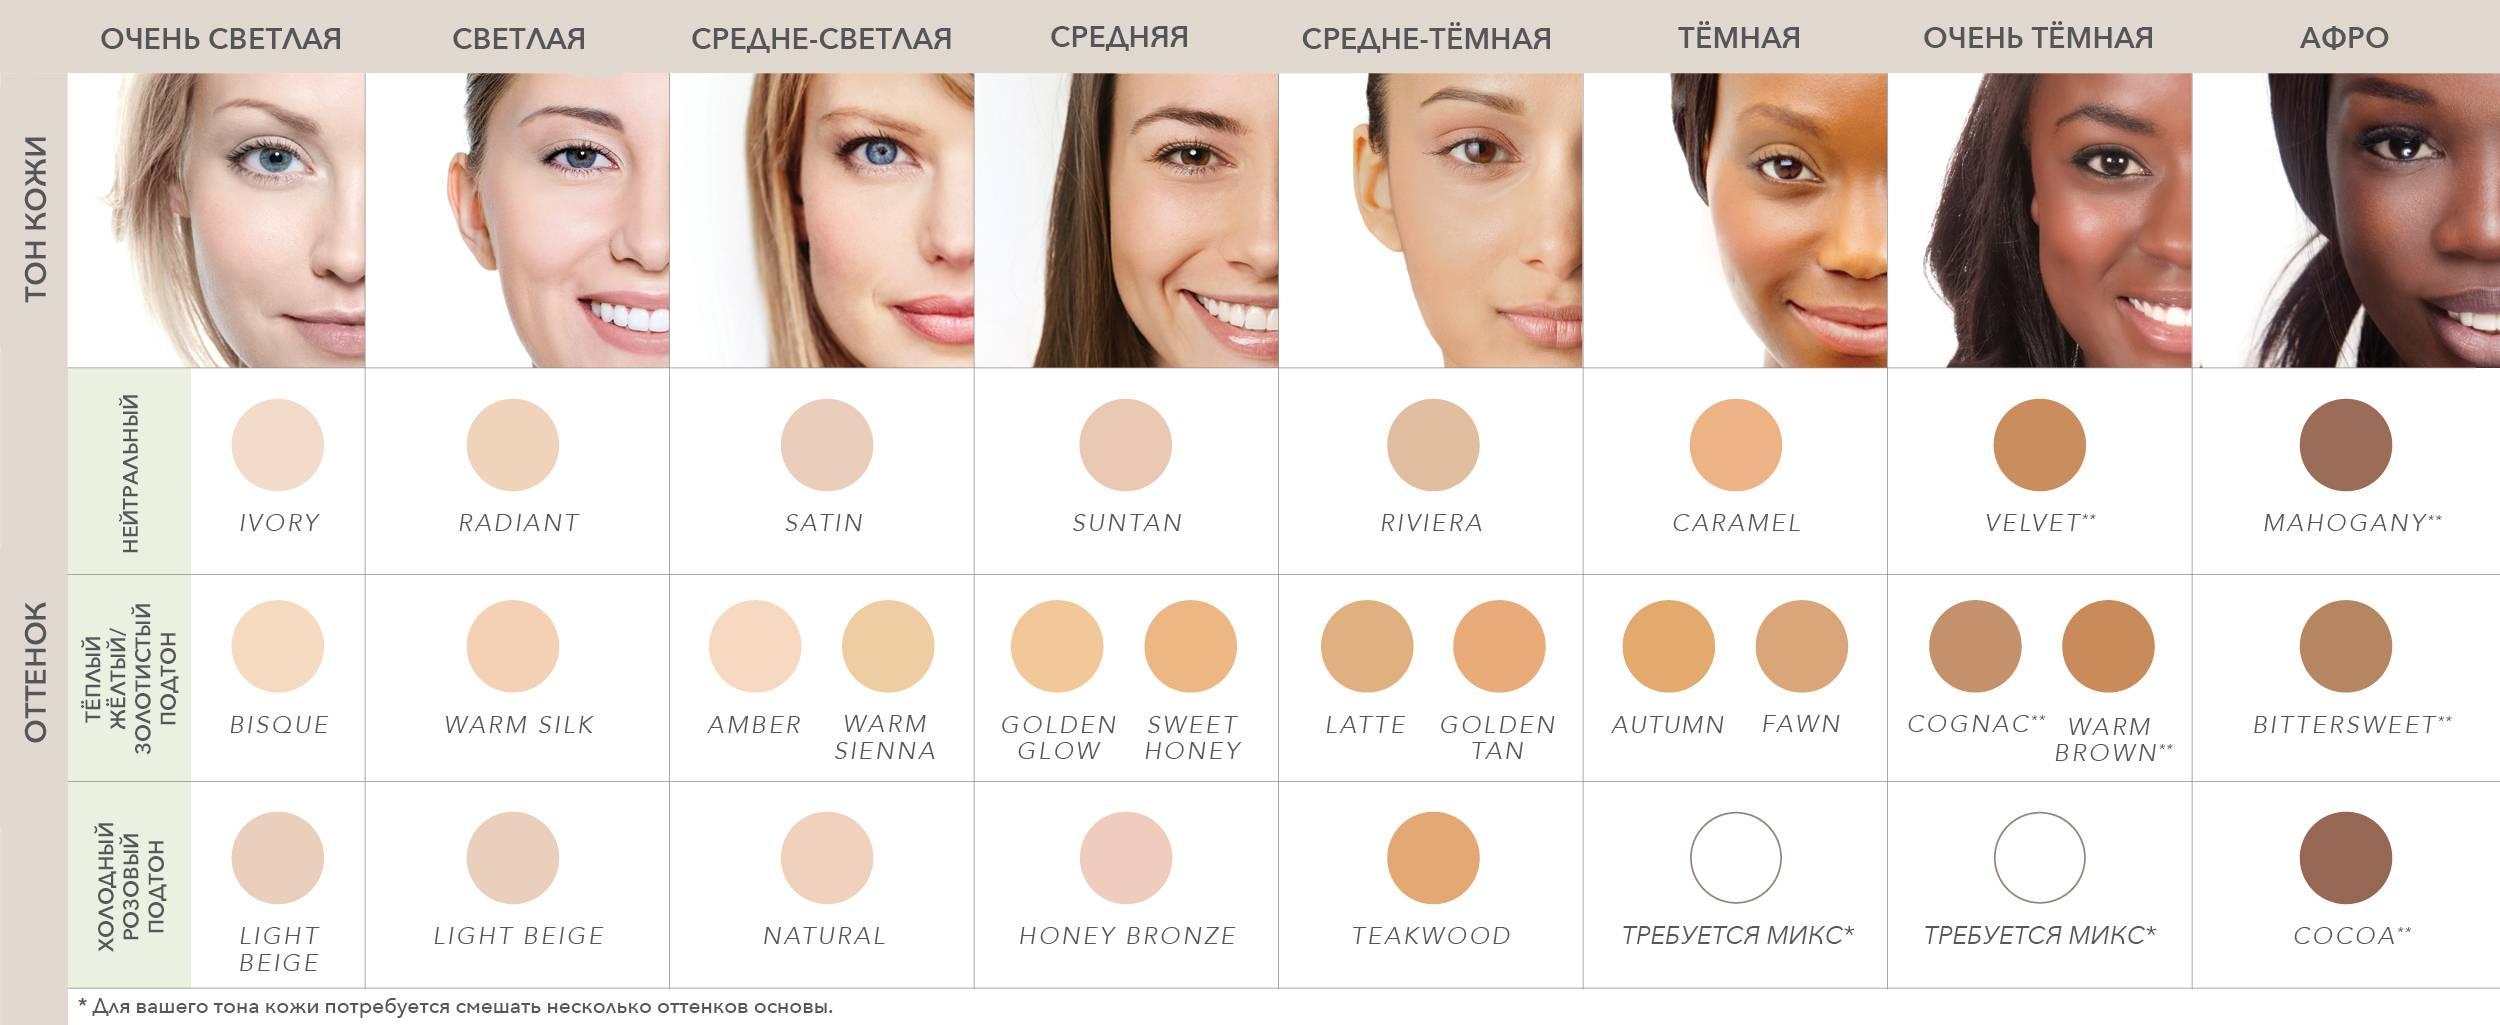 Таблица подбора кремовых пудр Jane Iredale в зависимости от тона кожи